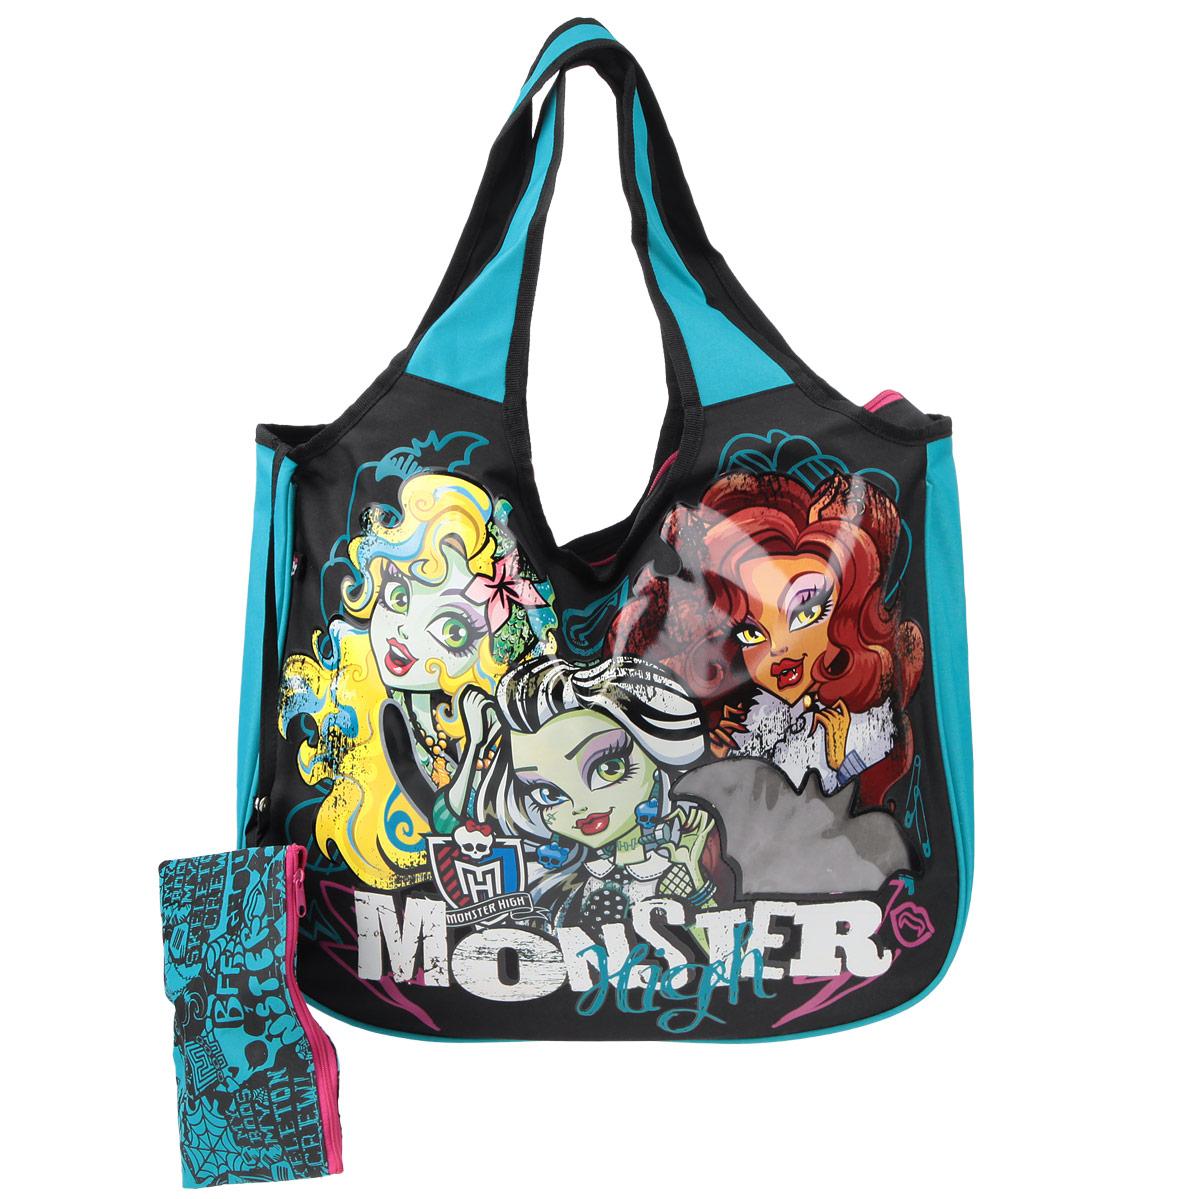 Сумка детская Monster High, цвет: черный, бирюзовый. MHBS-UT1-1445MHBS-UT1-1445Эффектная детская сумка Monster High обязательно понравится вашему ребенку. Сумочка выполнена из легкого текстильного материала и украшена ярким принтом с изображением героев одноименного популярного мультсериала и прозрачным фрагментом в форме летучей мыши. Сумка имеет одно большое внутреннее отделение, которое застегивается на молнию. Яркую сумку с длинными текстильными ручками можно носить как в руках, так и на плече. Ручки выполнены цельными с основой, благодаря чему предотвращается возможное повреждение в местах их соединения с корпусом. К сумке пристегнут небольшой текстильный кошелек на молнии, который может использоваться отдельно.